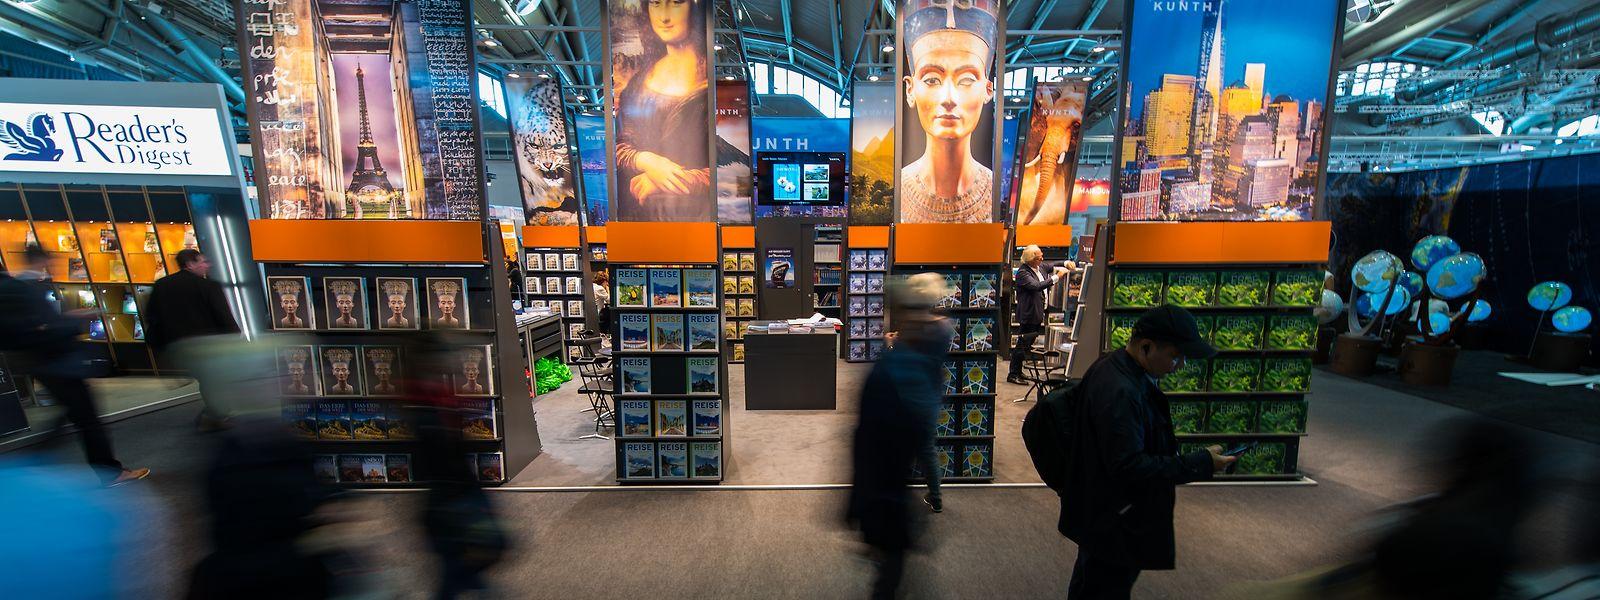 Luxemburg ist erstmals wieder seit fünf Jahren wieder mit von der Partie bei der Frankfurter Buchmesse.